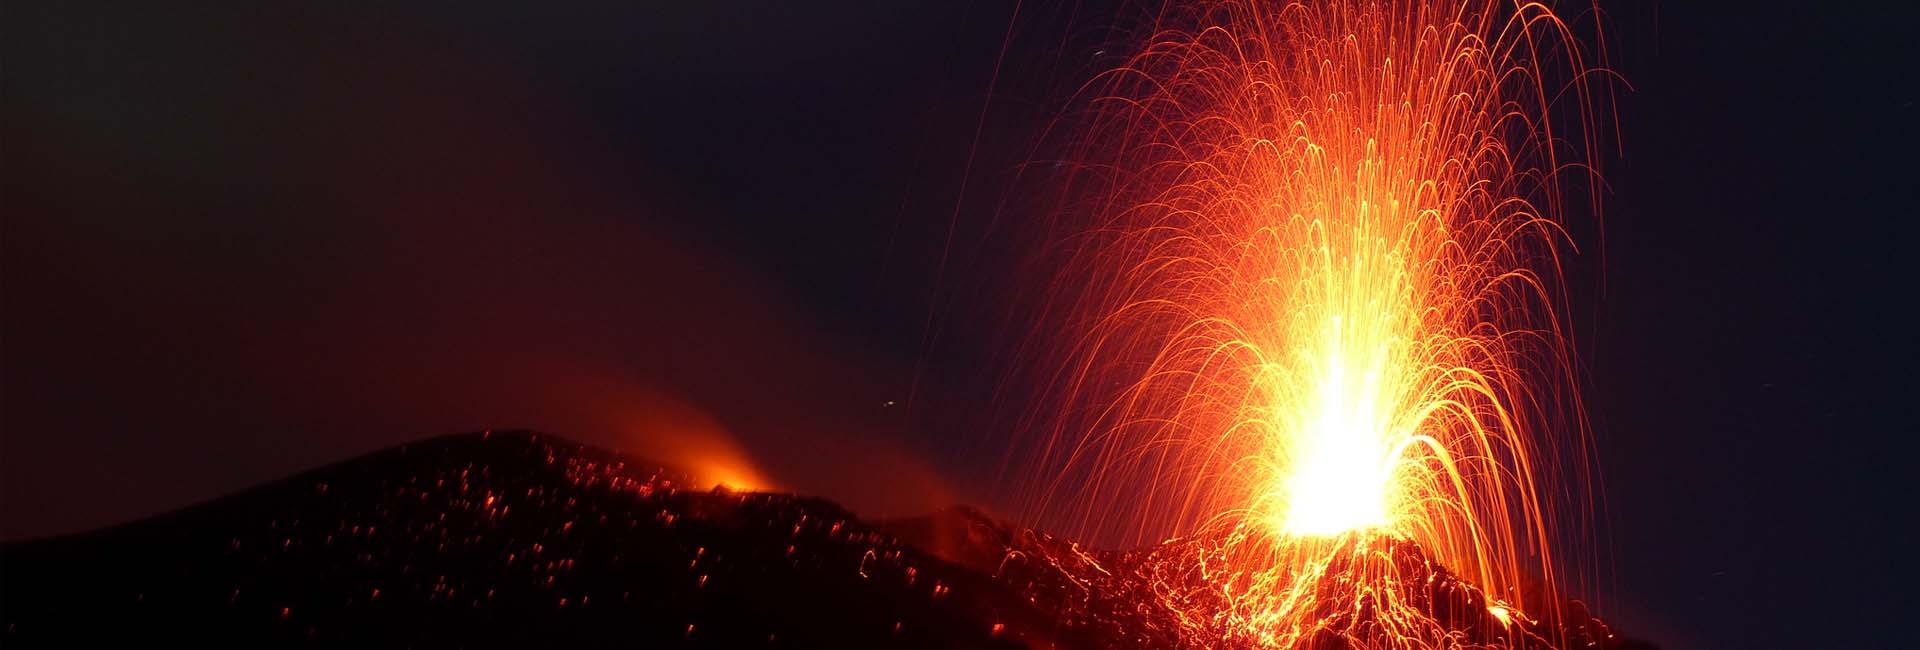 etna vulcano escursioni catania